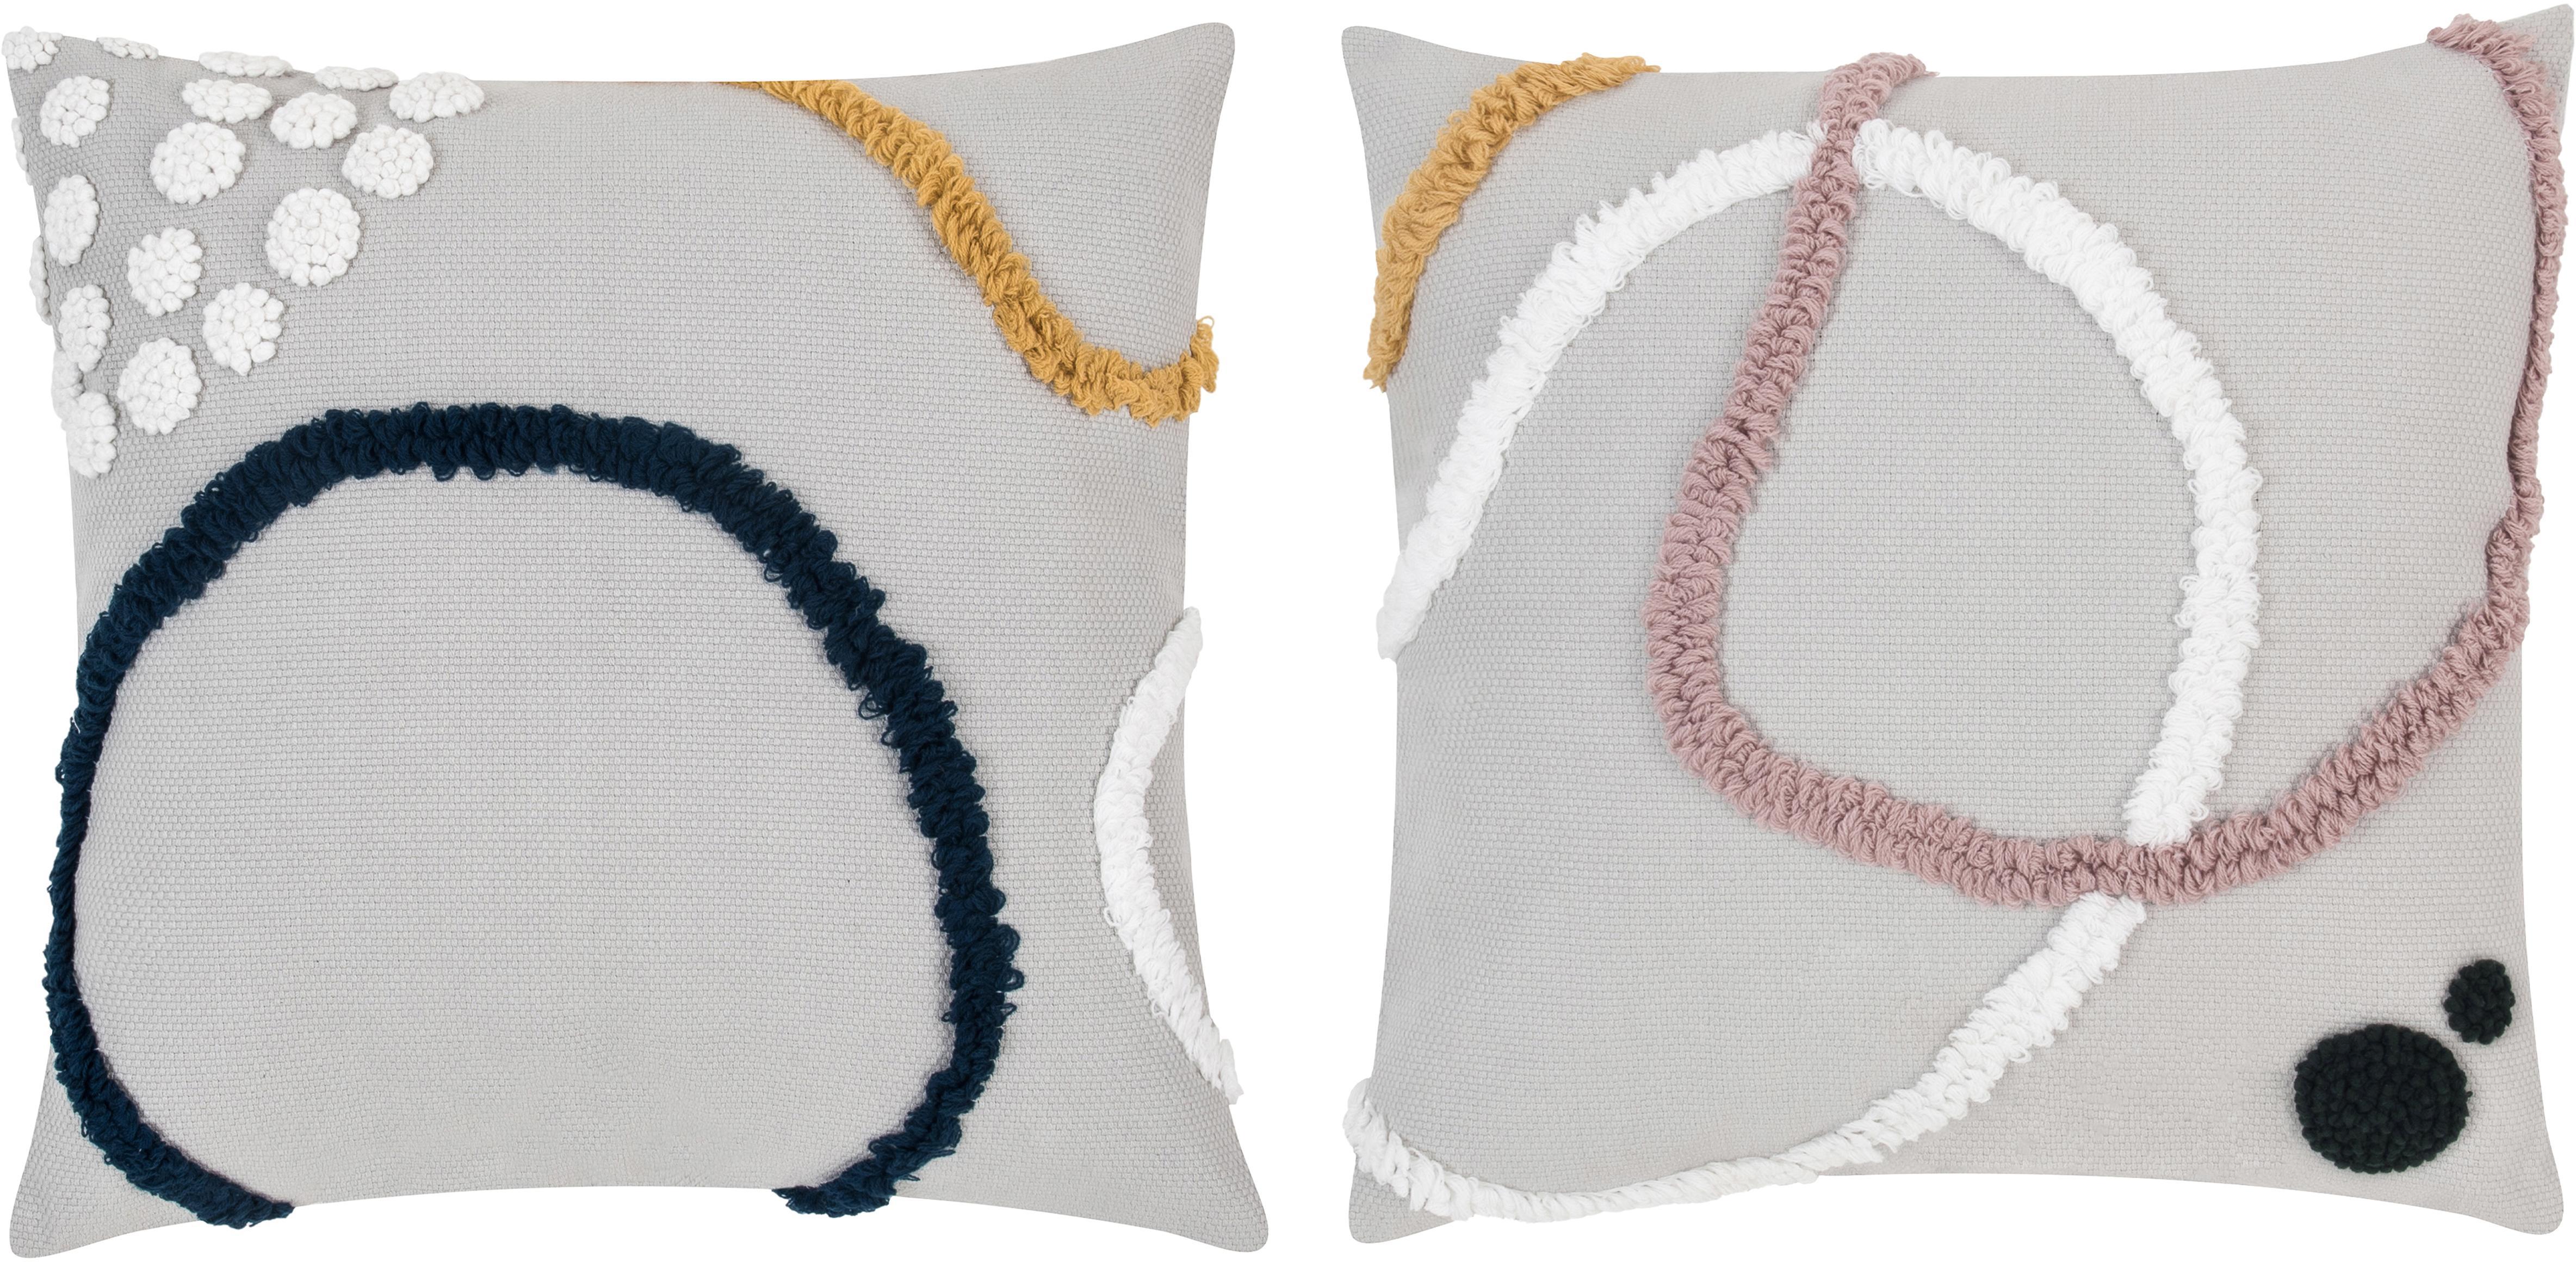 Kissenhüllen Pablo mit abstrakter Verzierung, 2er-Set, 100% Baumwolle, Vorderseite: MehrfarbigRückseite: Weiss, 45 x 45 cm